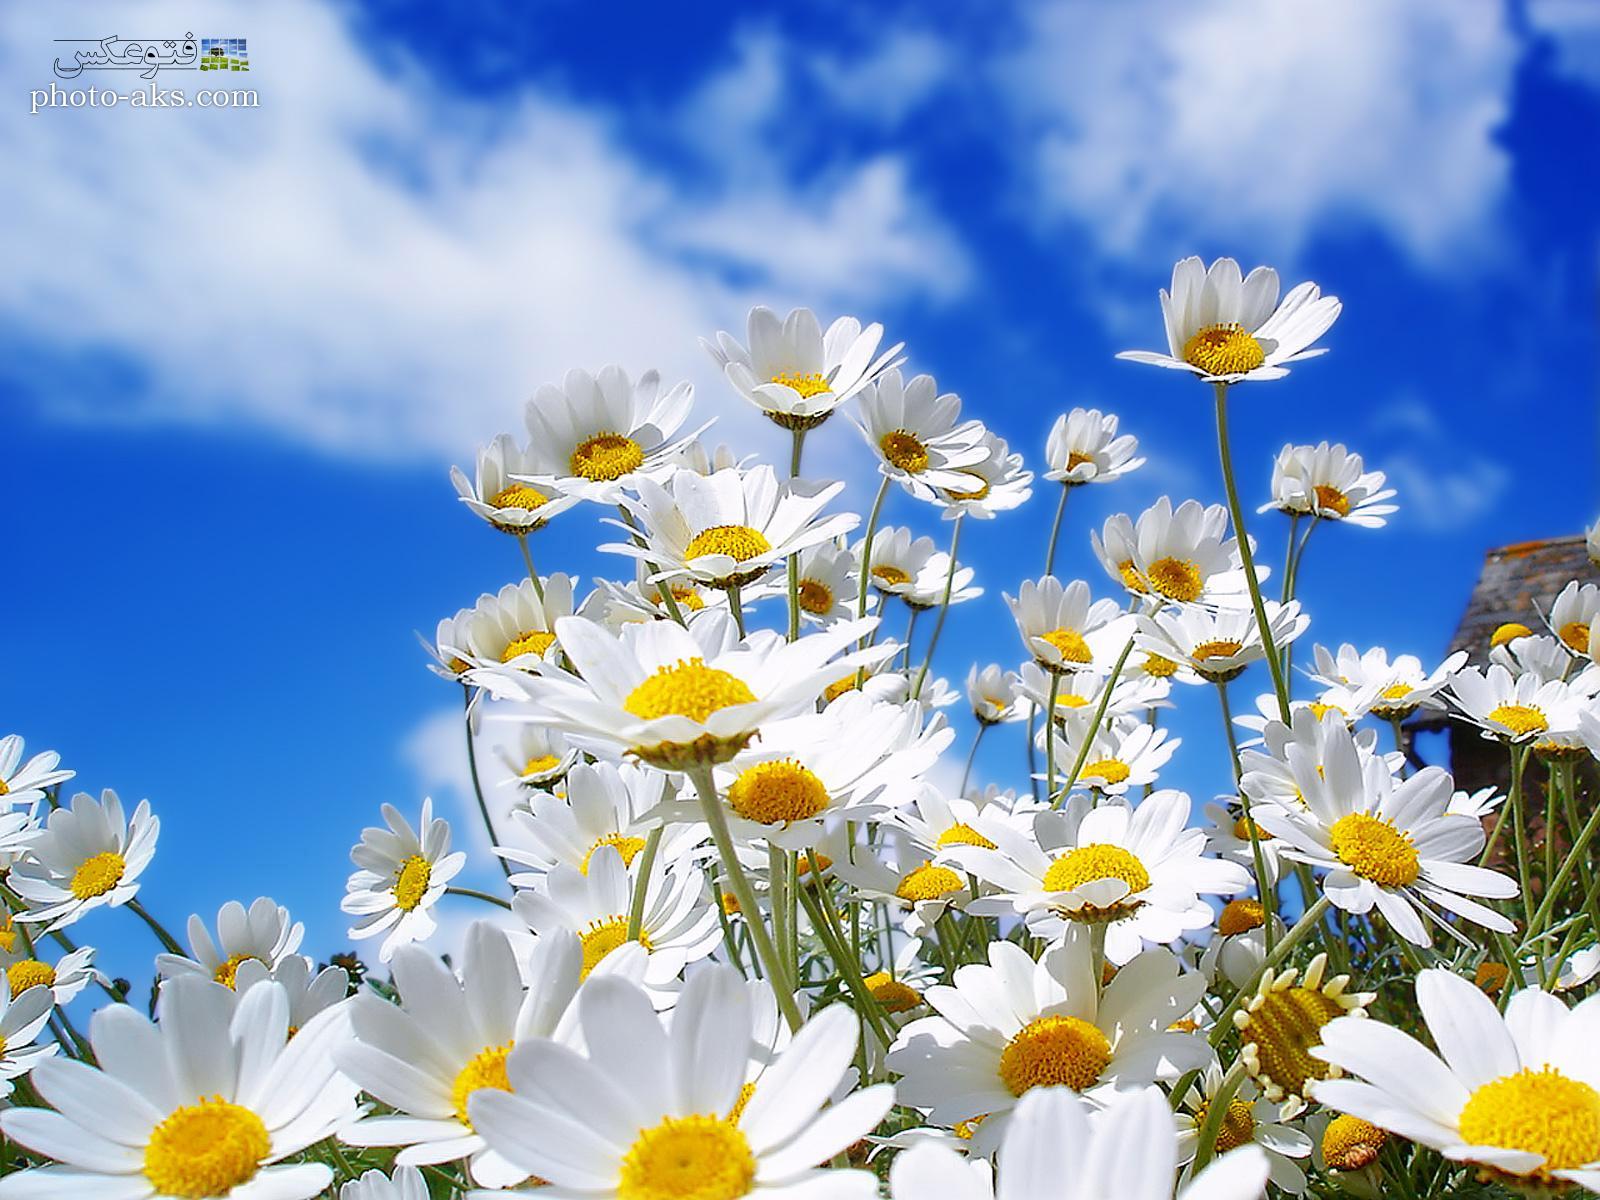 گل های سفید بهاری